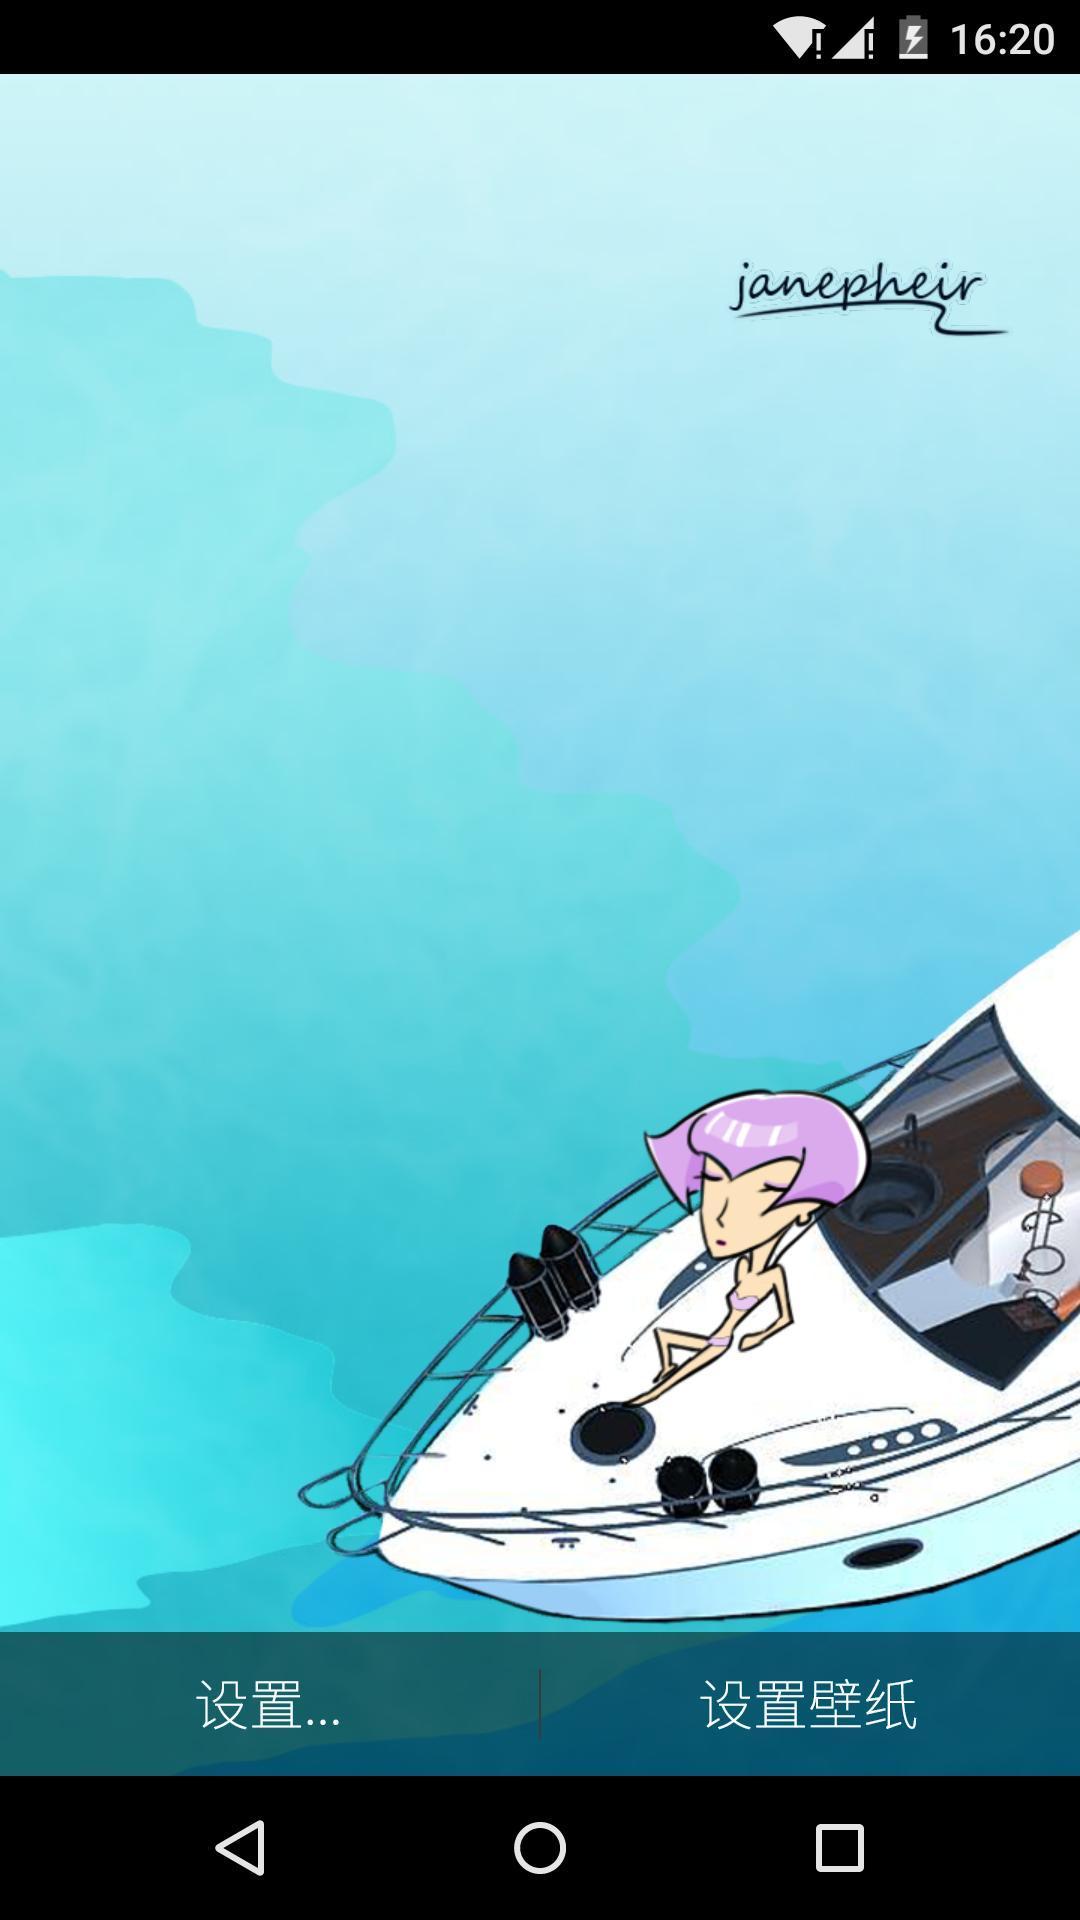 游艇-梦象动态壁纸